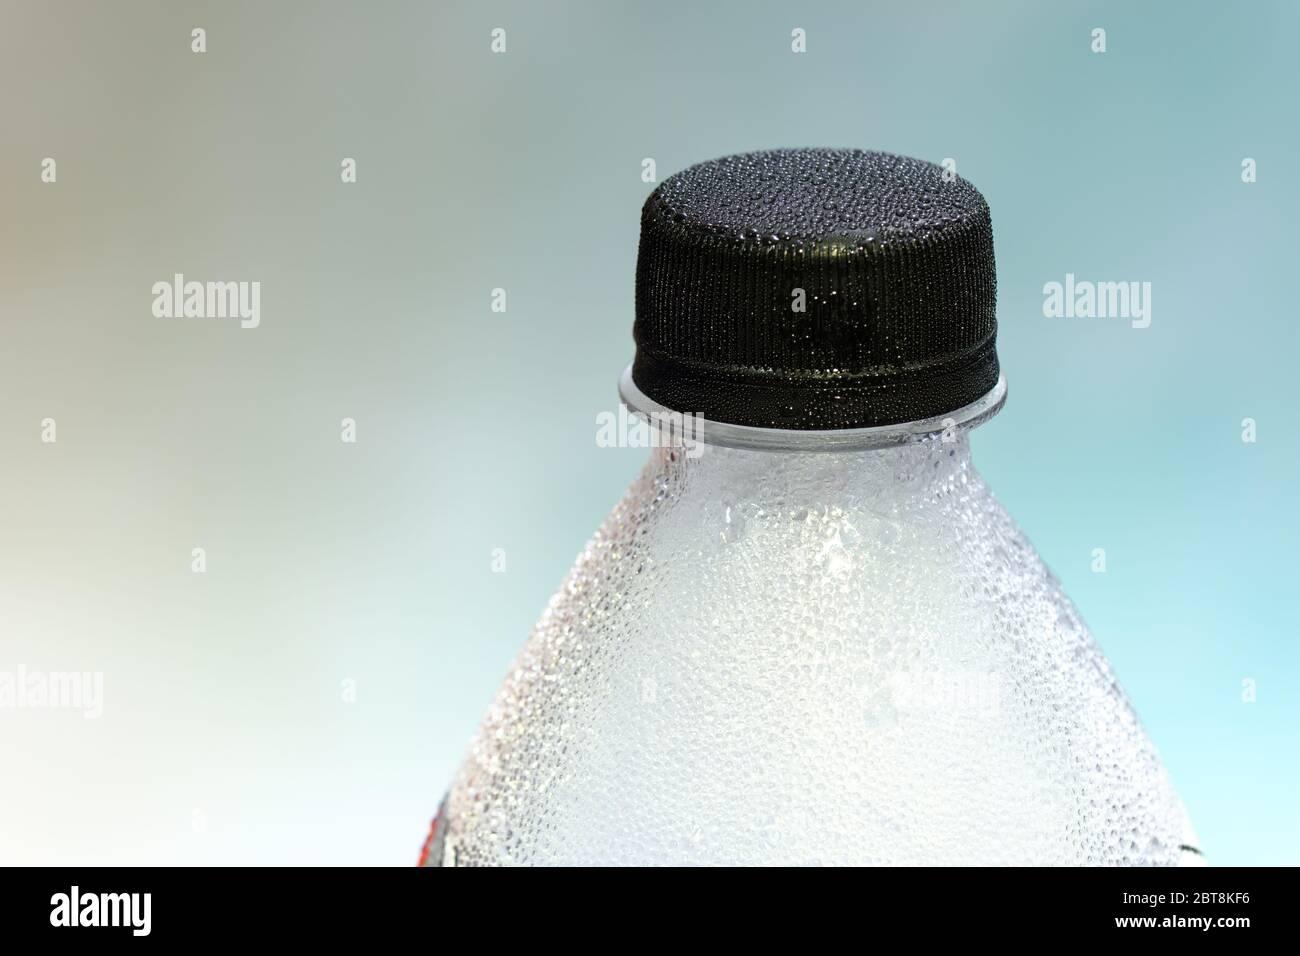 Gros plan d'une bouteille en plastique, eau minérale, fond clair Banque D'Images